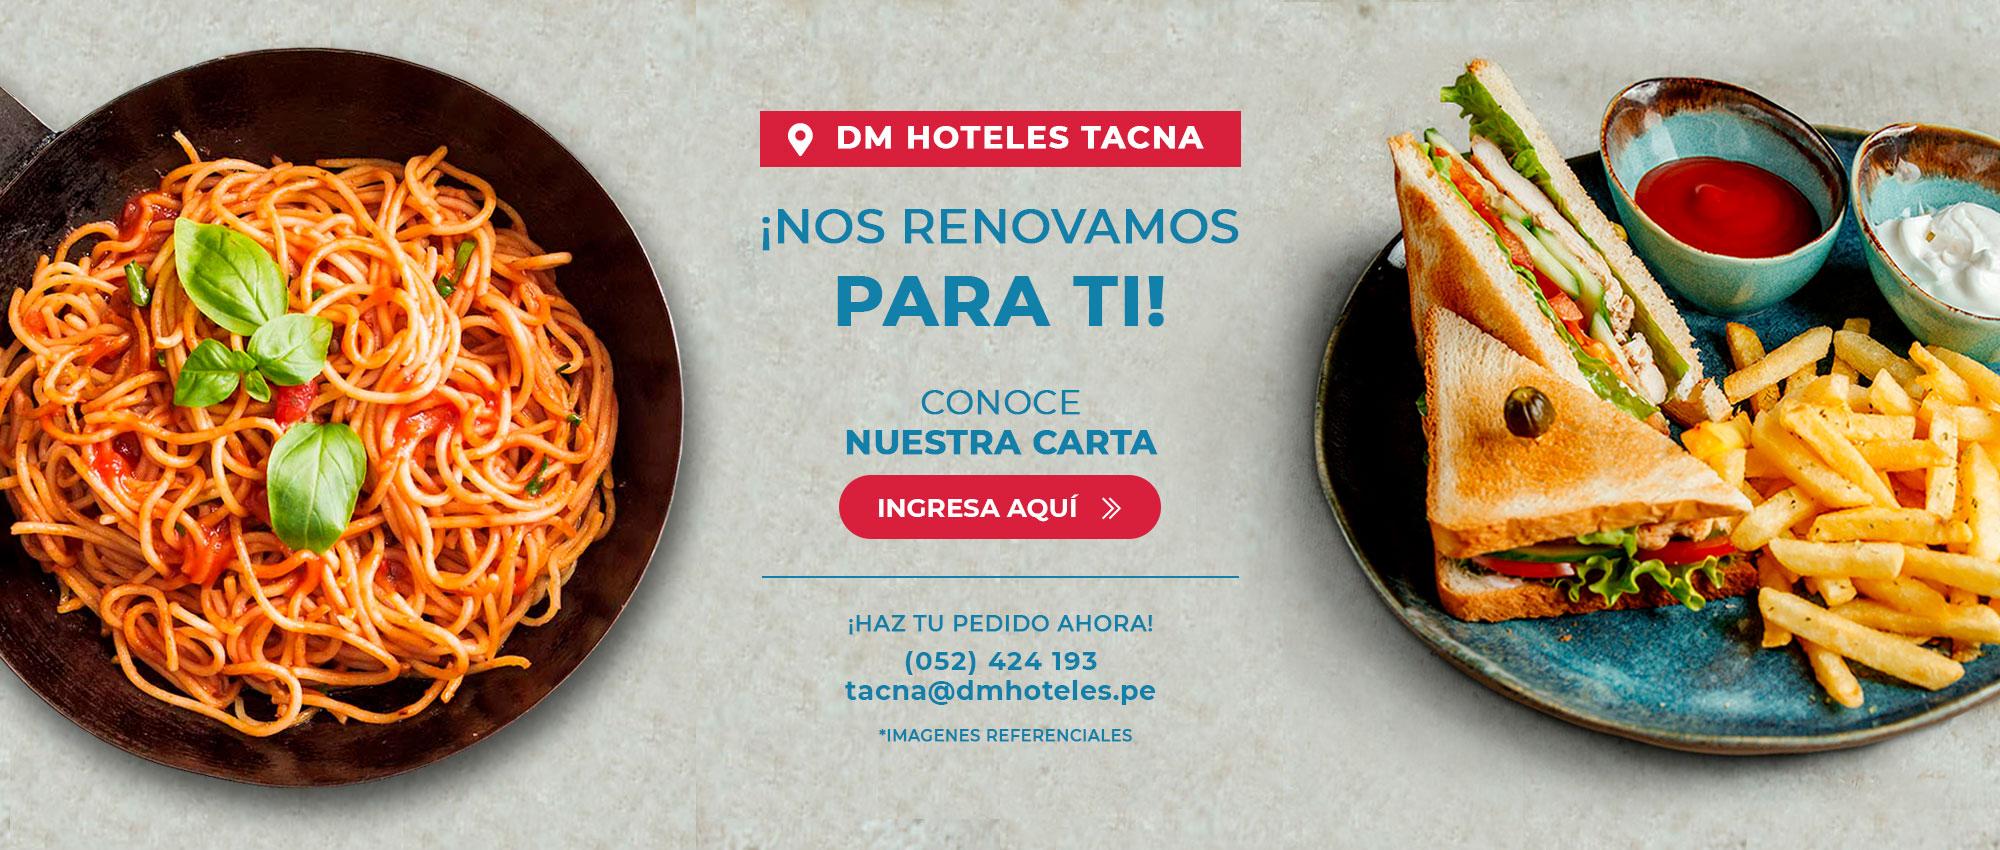 dm-hoteles-tacna-carta-restaurante-codigo-qr